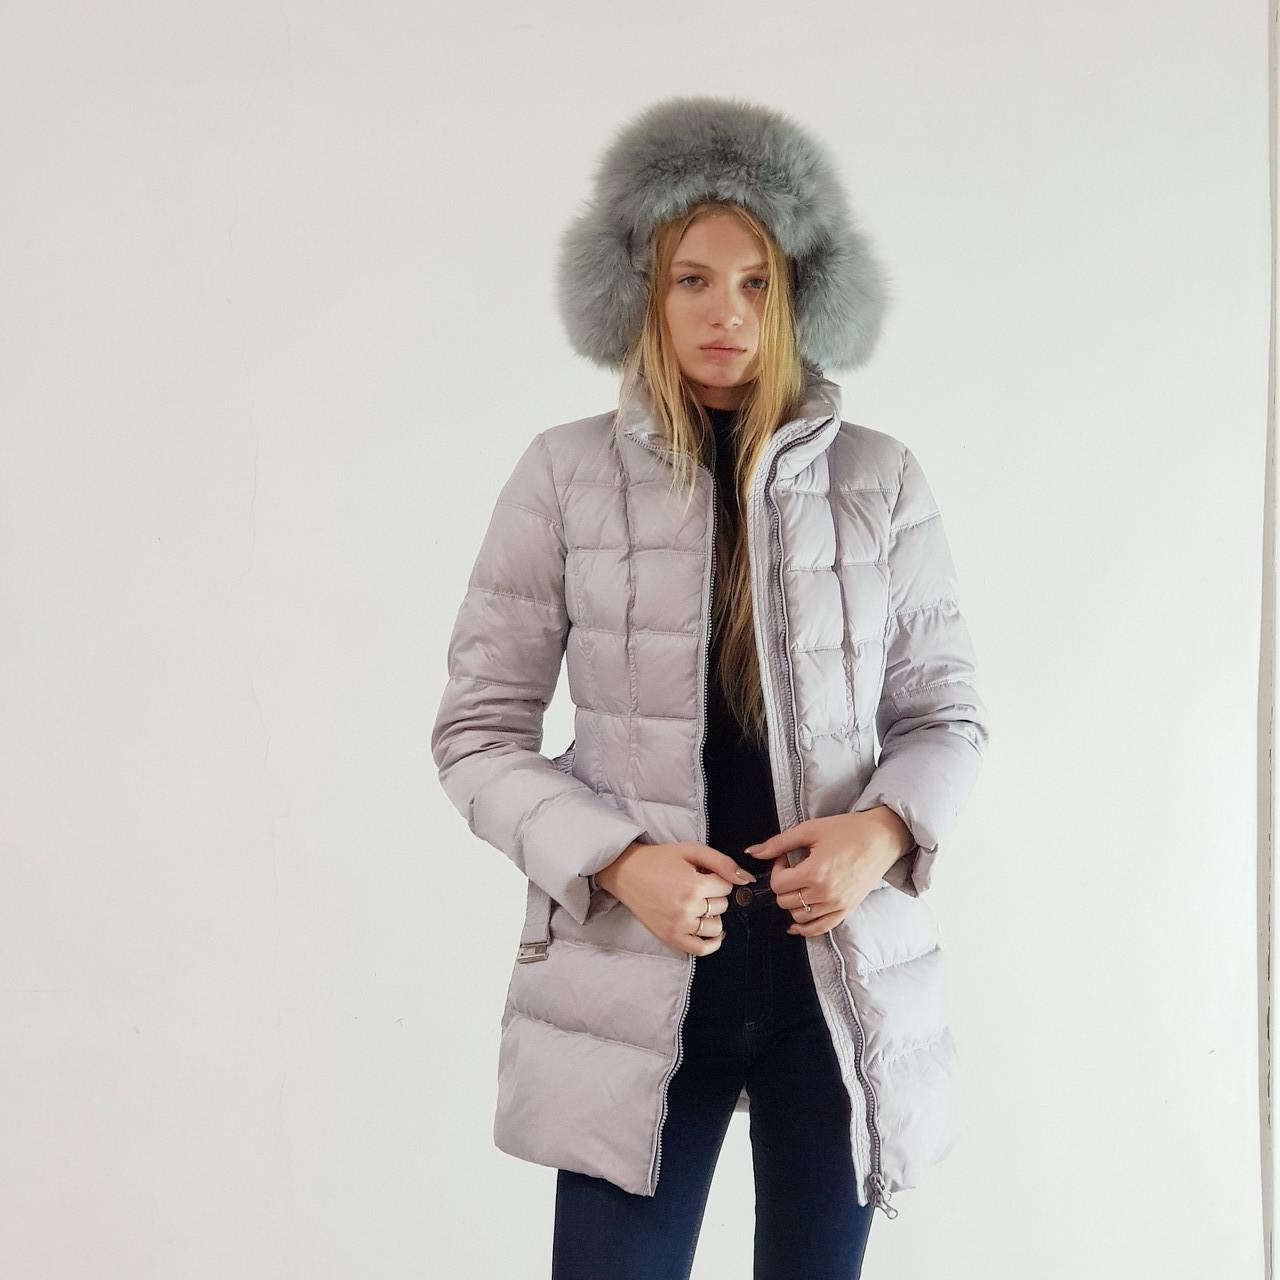 Пуховик полупальто зимнее женское Snowimage с капюшоном и натуральным мехом серое, длинный